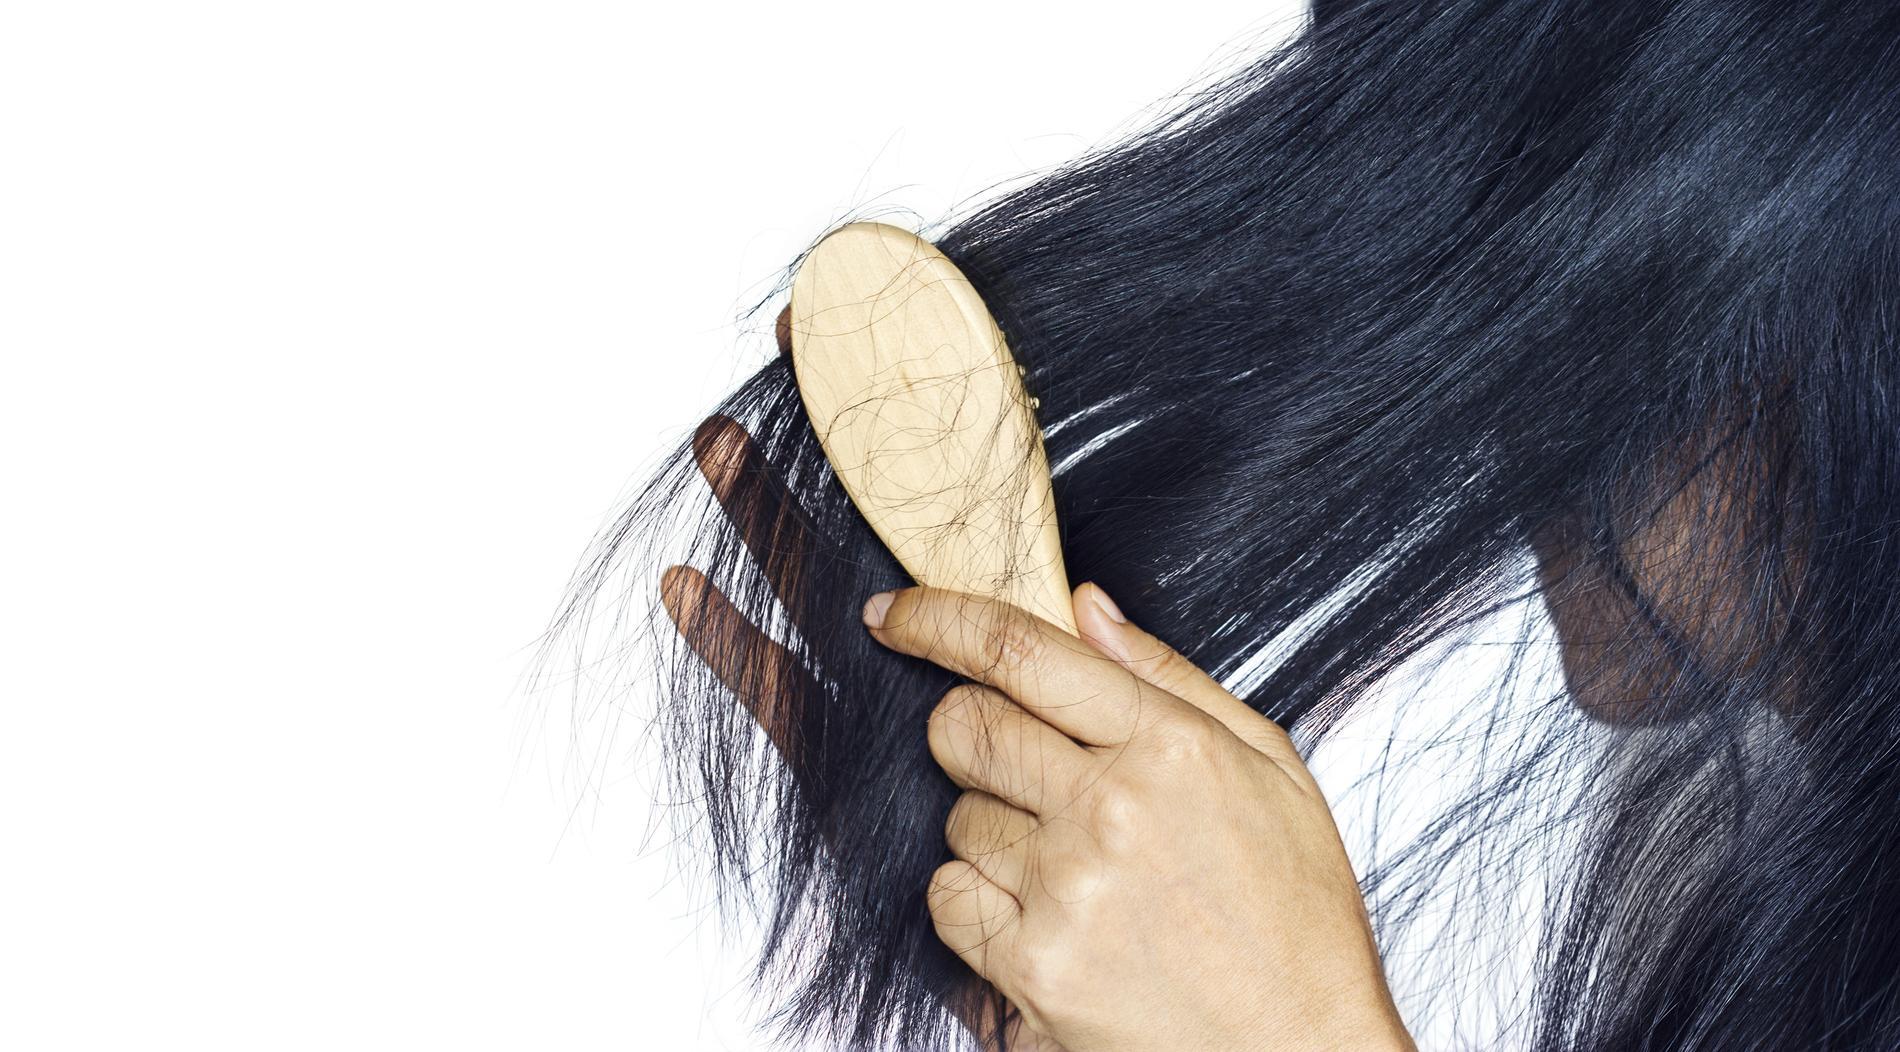 probleme chute de cheveux